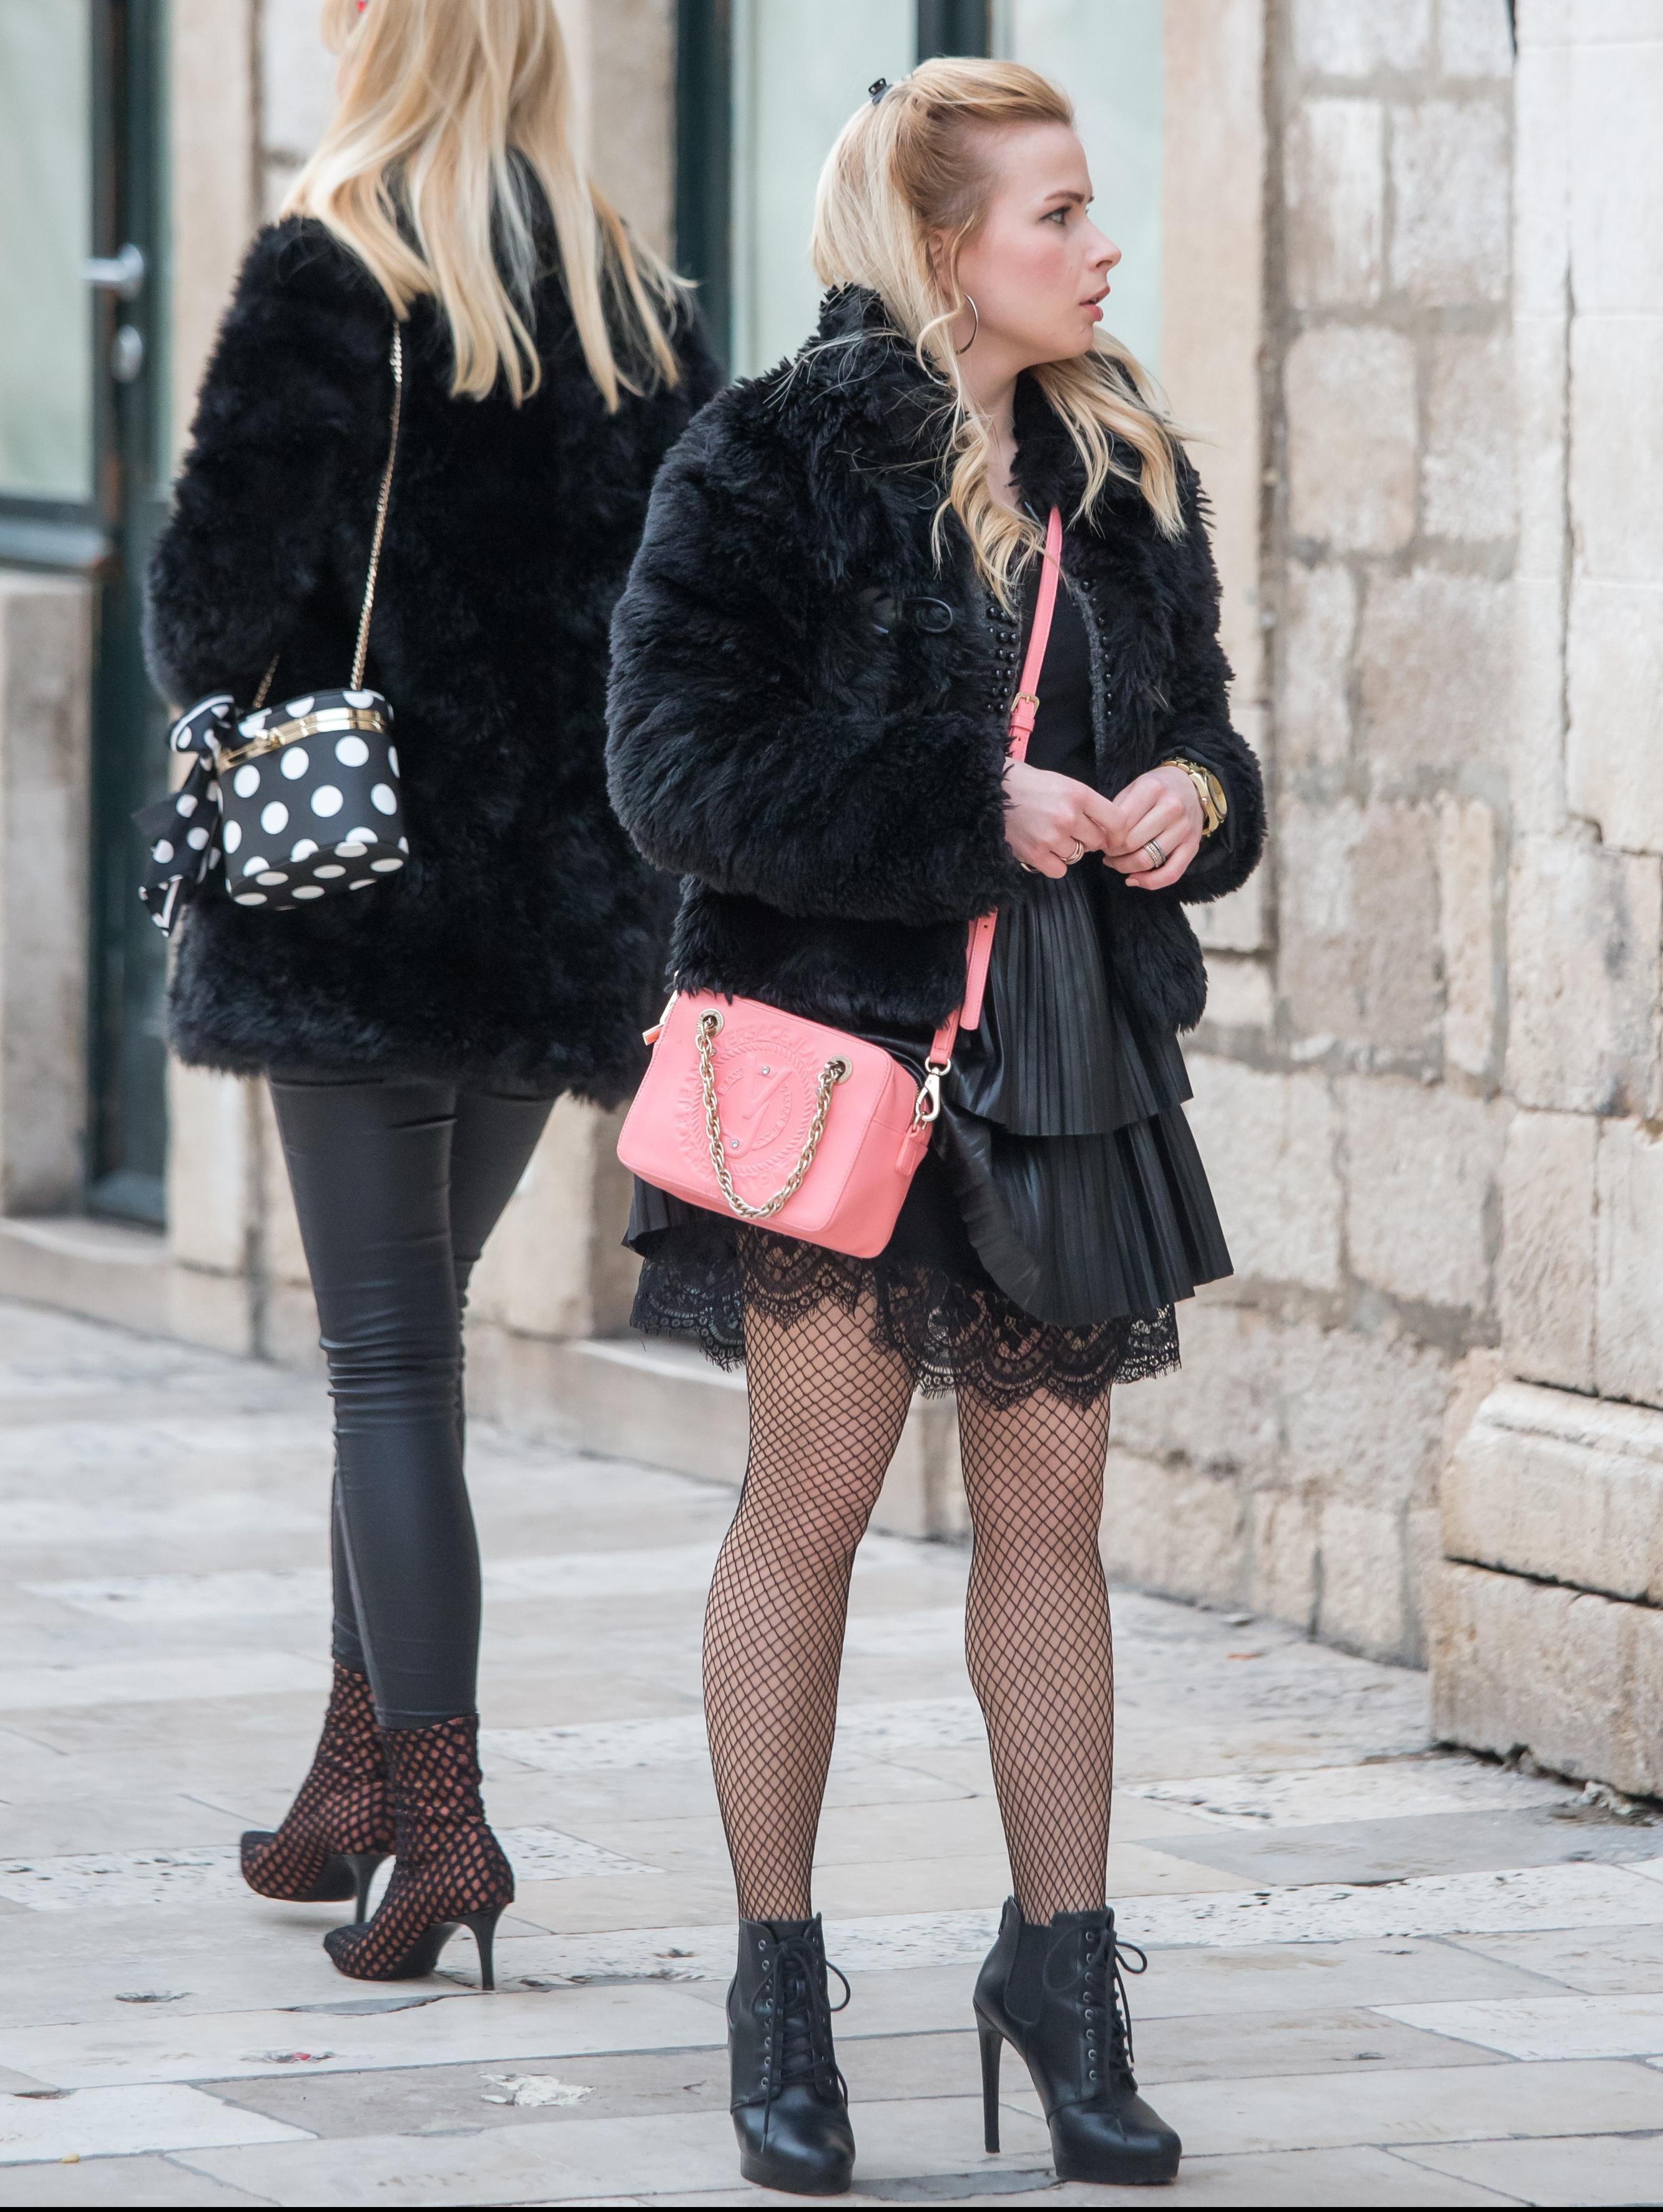 Visoke pete, raskošne haljine i mini suknje - što se nosi u Dubrovniku ovih dana?